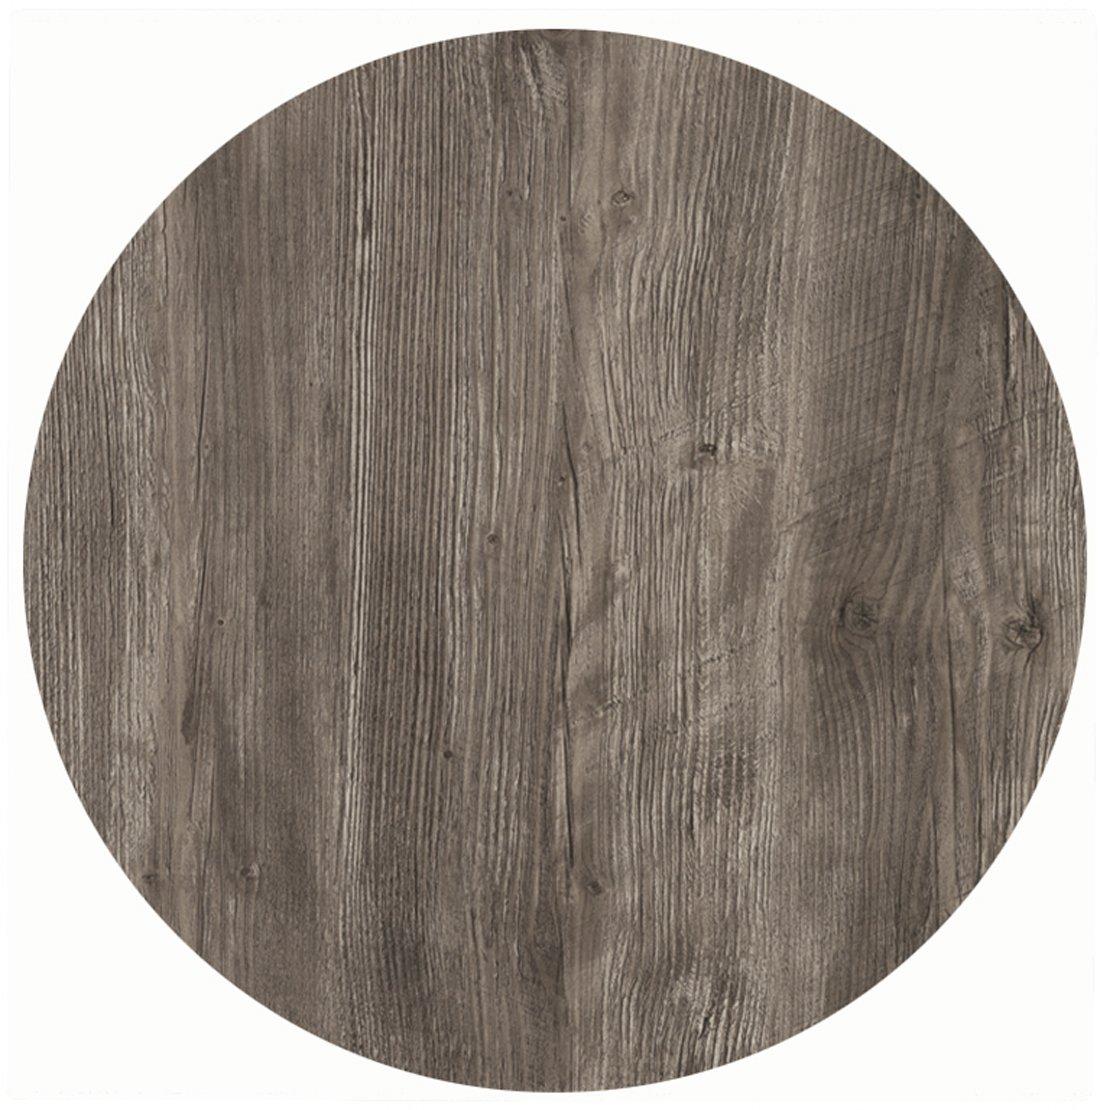 Werzalit / hochwertige Tischplatte / Ponderosa grau / runde Form 70 cm / Bistrotisch / Bistrotische / Gartentisch / Gastronomie jetzt bestellen